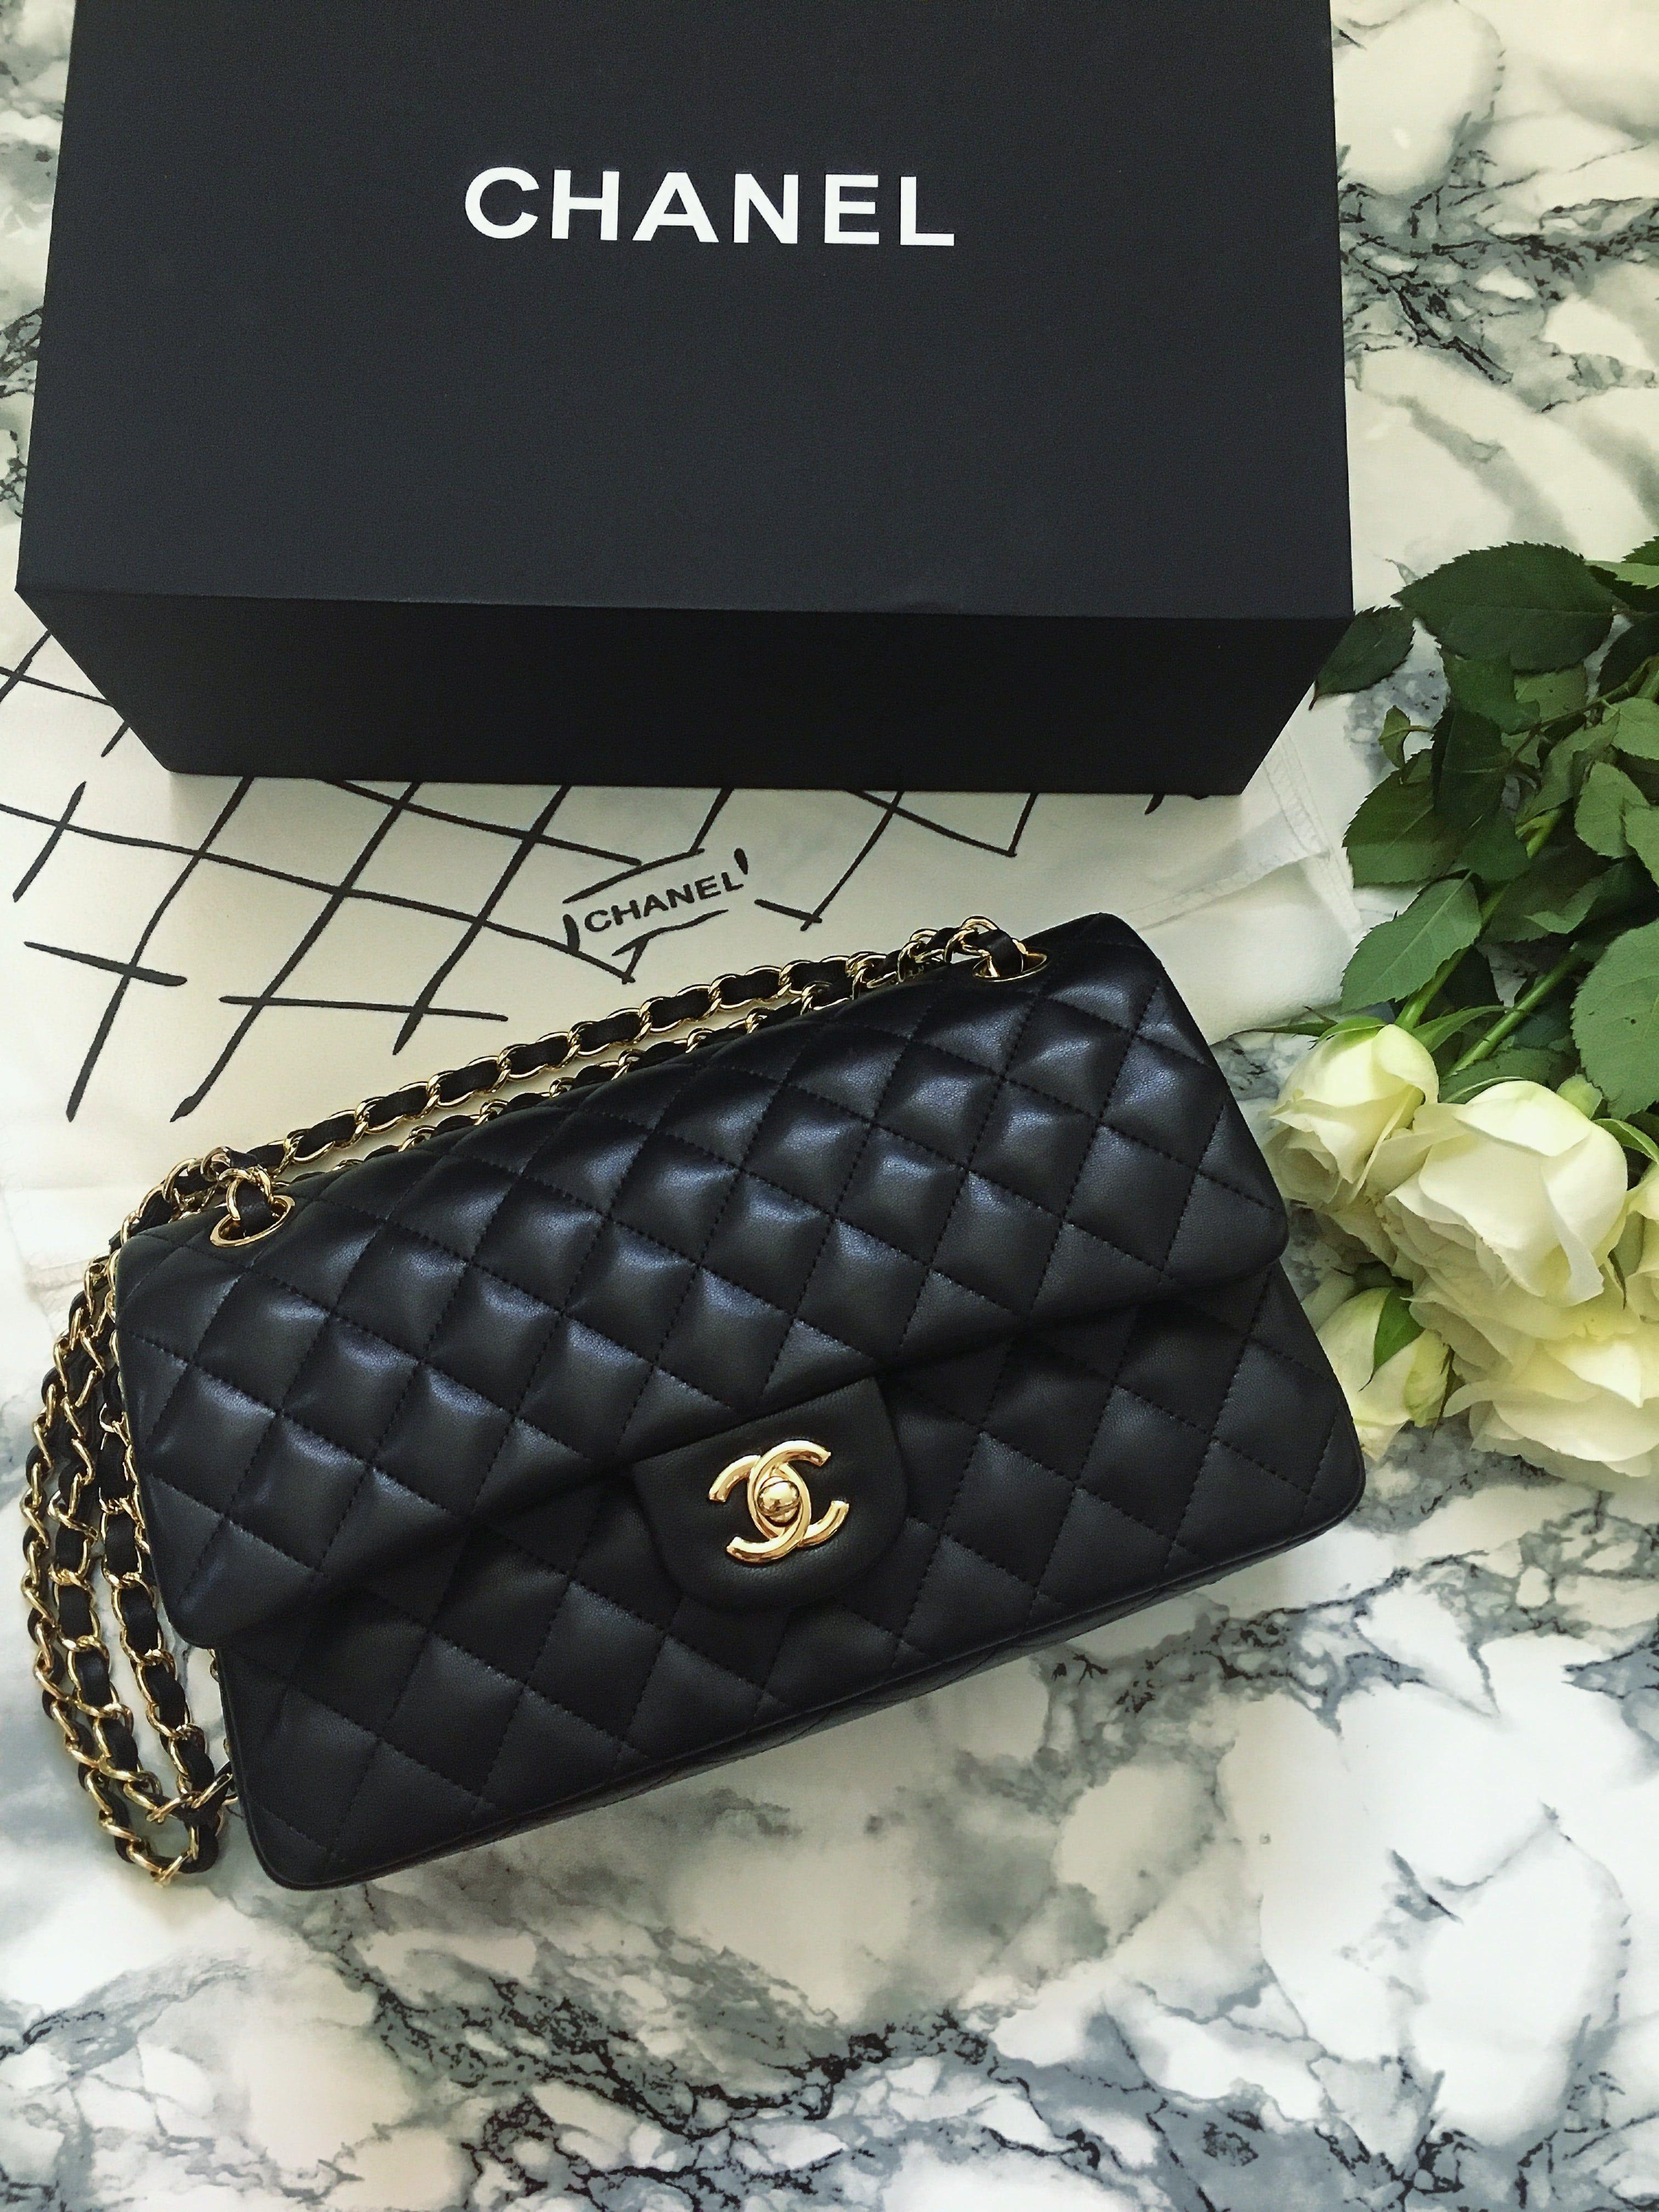 Die 2.55 Tasche von Chanel ist ein waschechtes IT Piece. Die kultige Tasche hat eine schöne Geschichte, die ich im Blogpost erzähle und top Pflegetipps gebe #queenshats